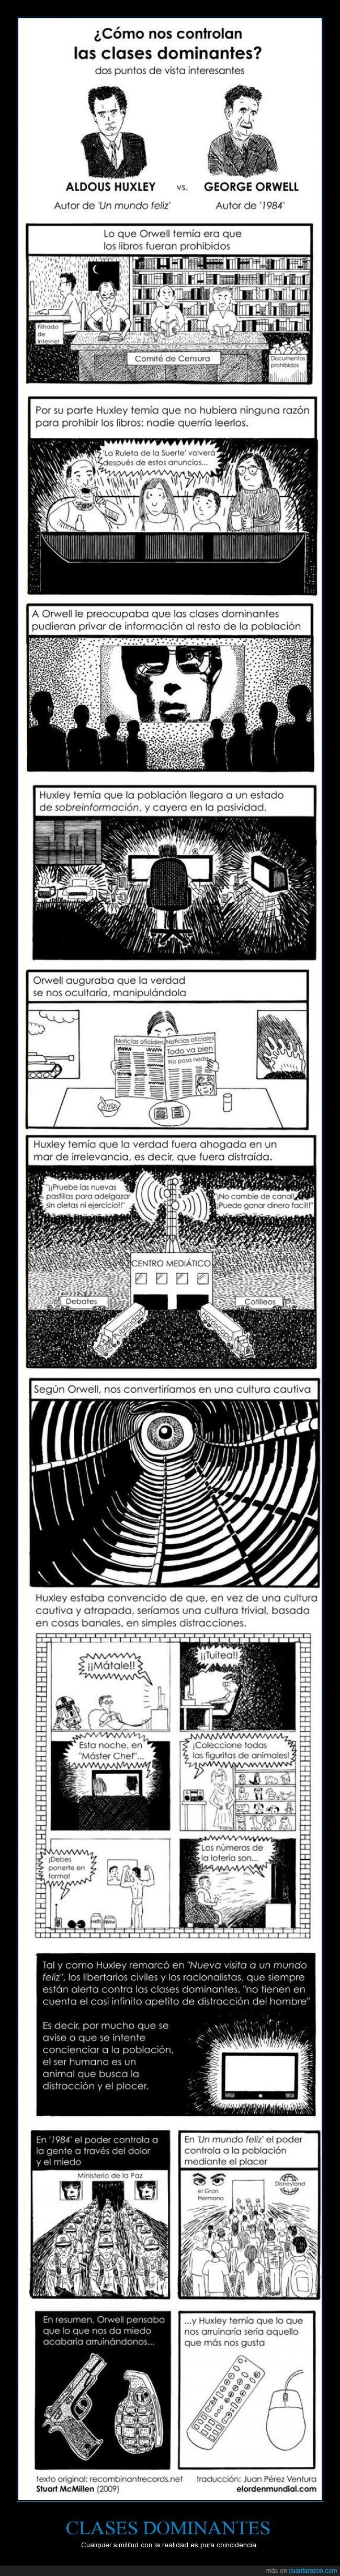 1984,Ambas están sucediendo ahora mismo,Huxley,Orwell,Un Mundo Feliz,¿No crees que es hora de cambiar?